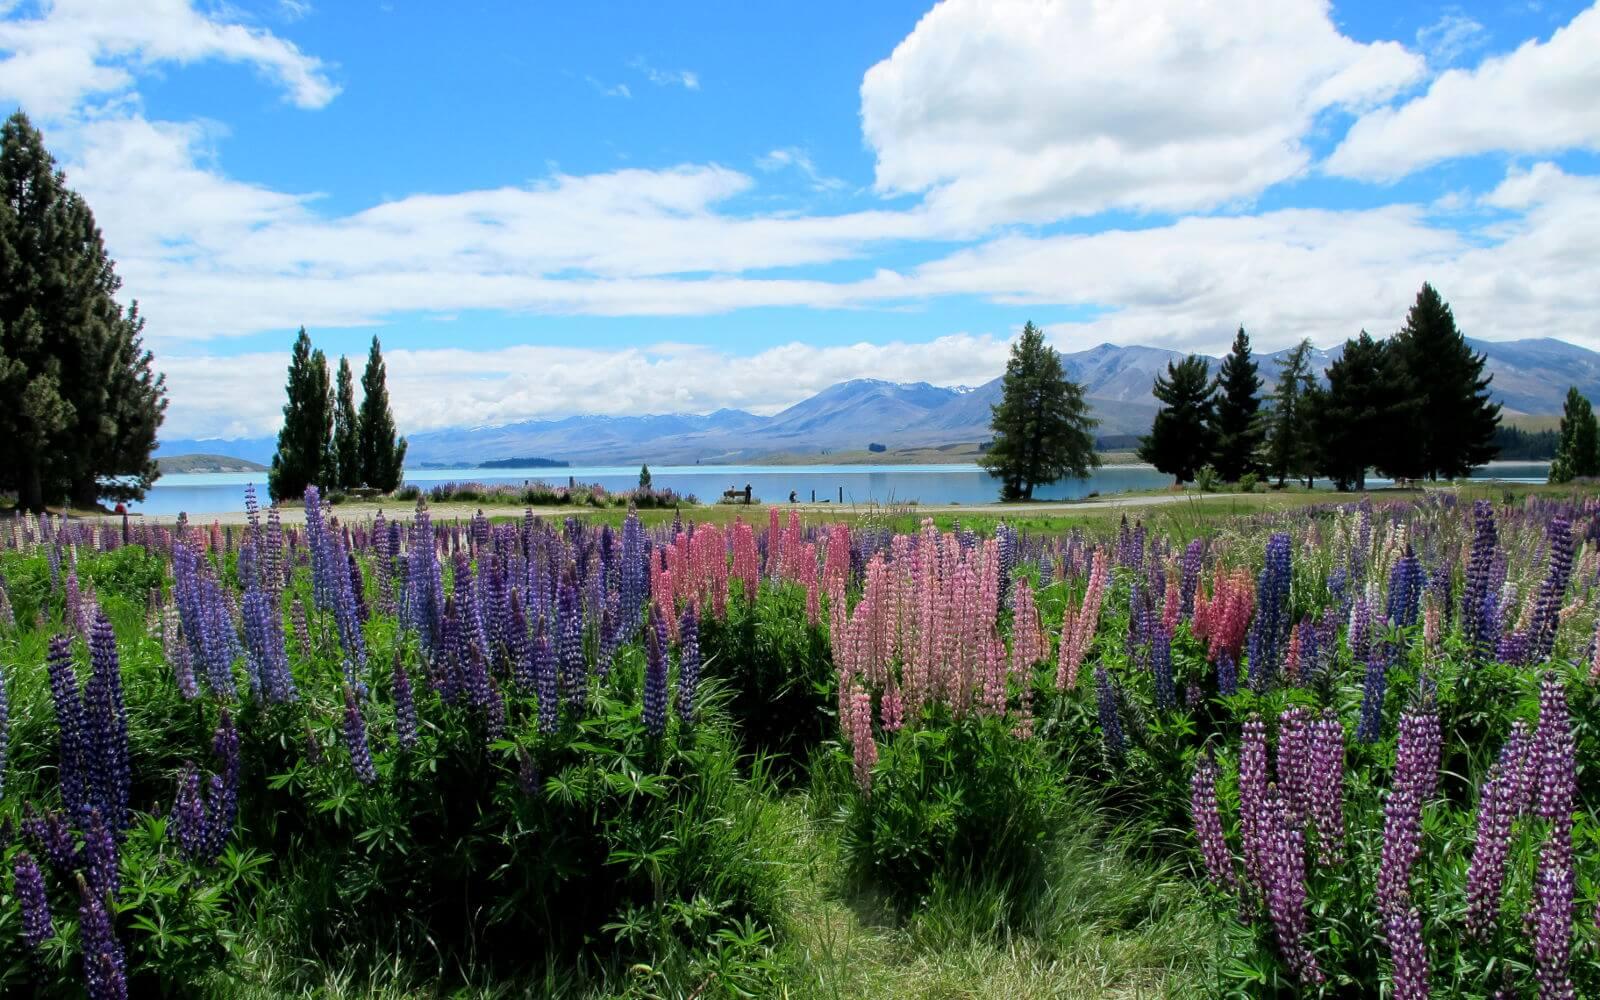 Anna entdeckt Australien: In Neuseeland